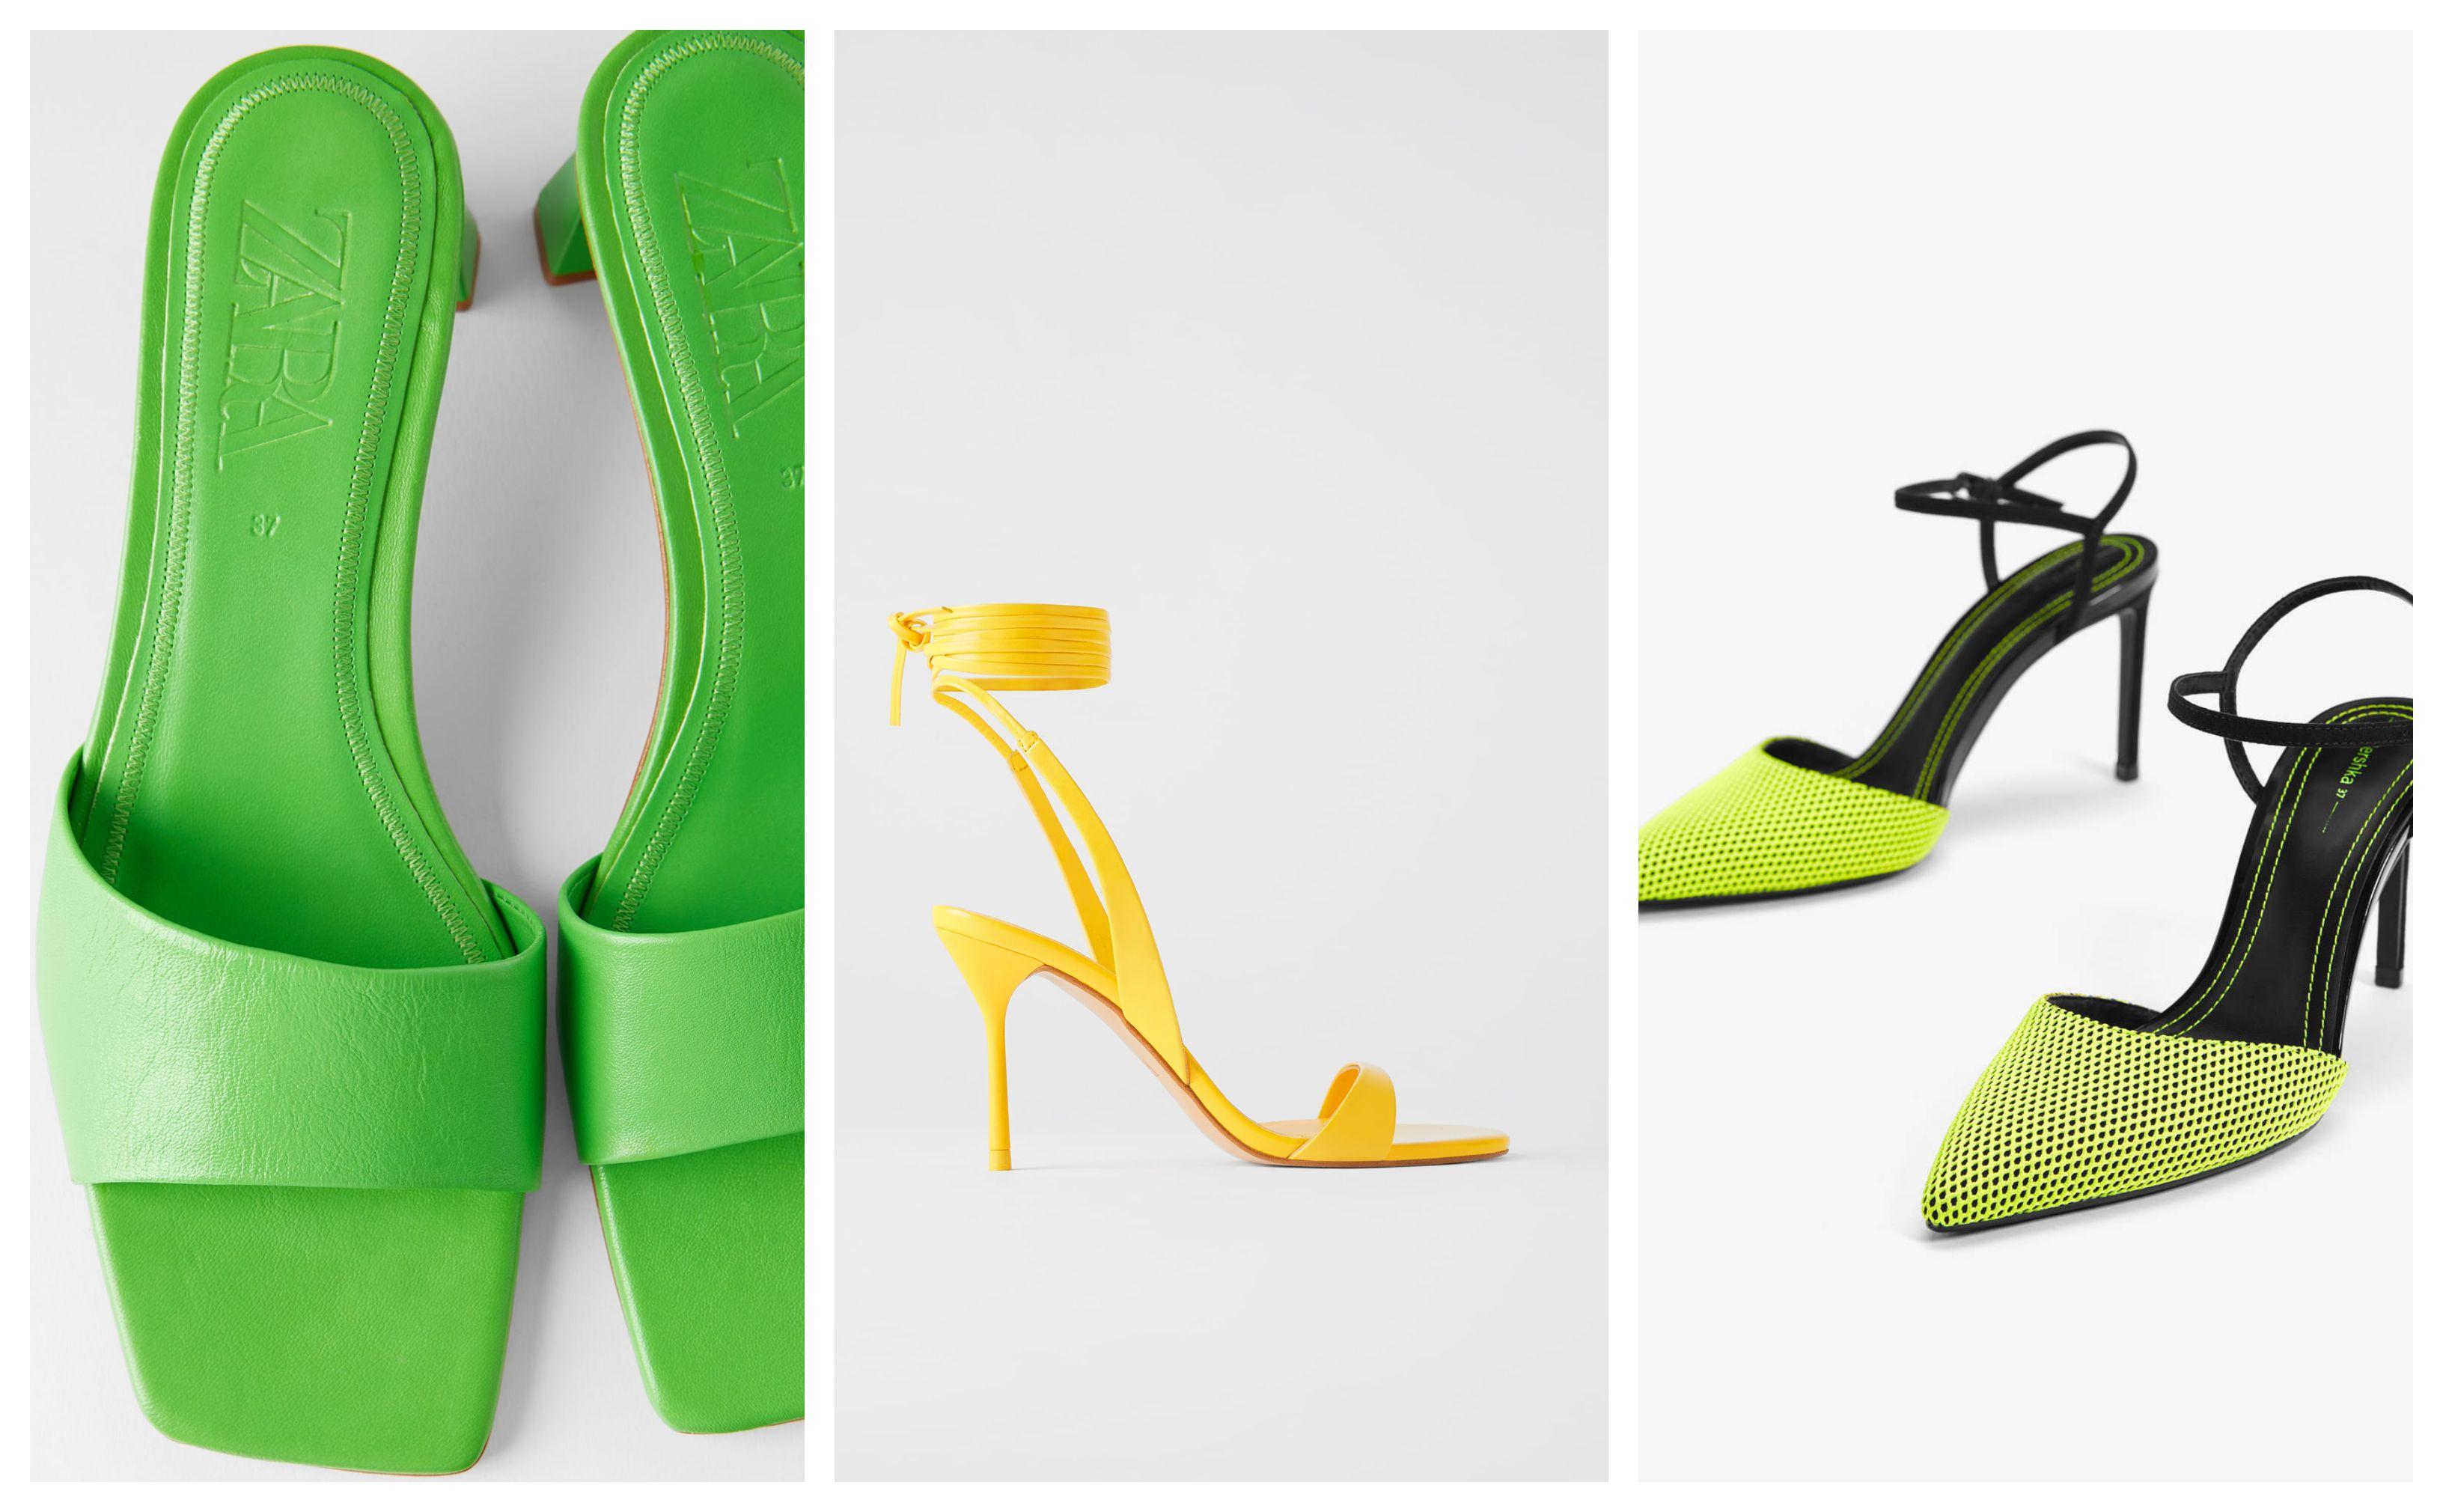 Sandale u jarkim bojama super su dodatak ljetnom outfitu! Pogledajte izbor